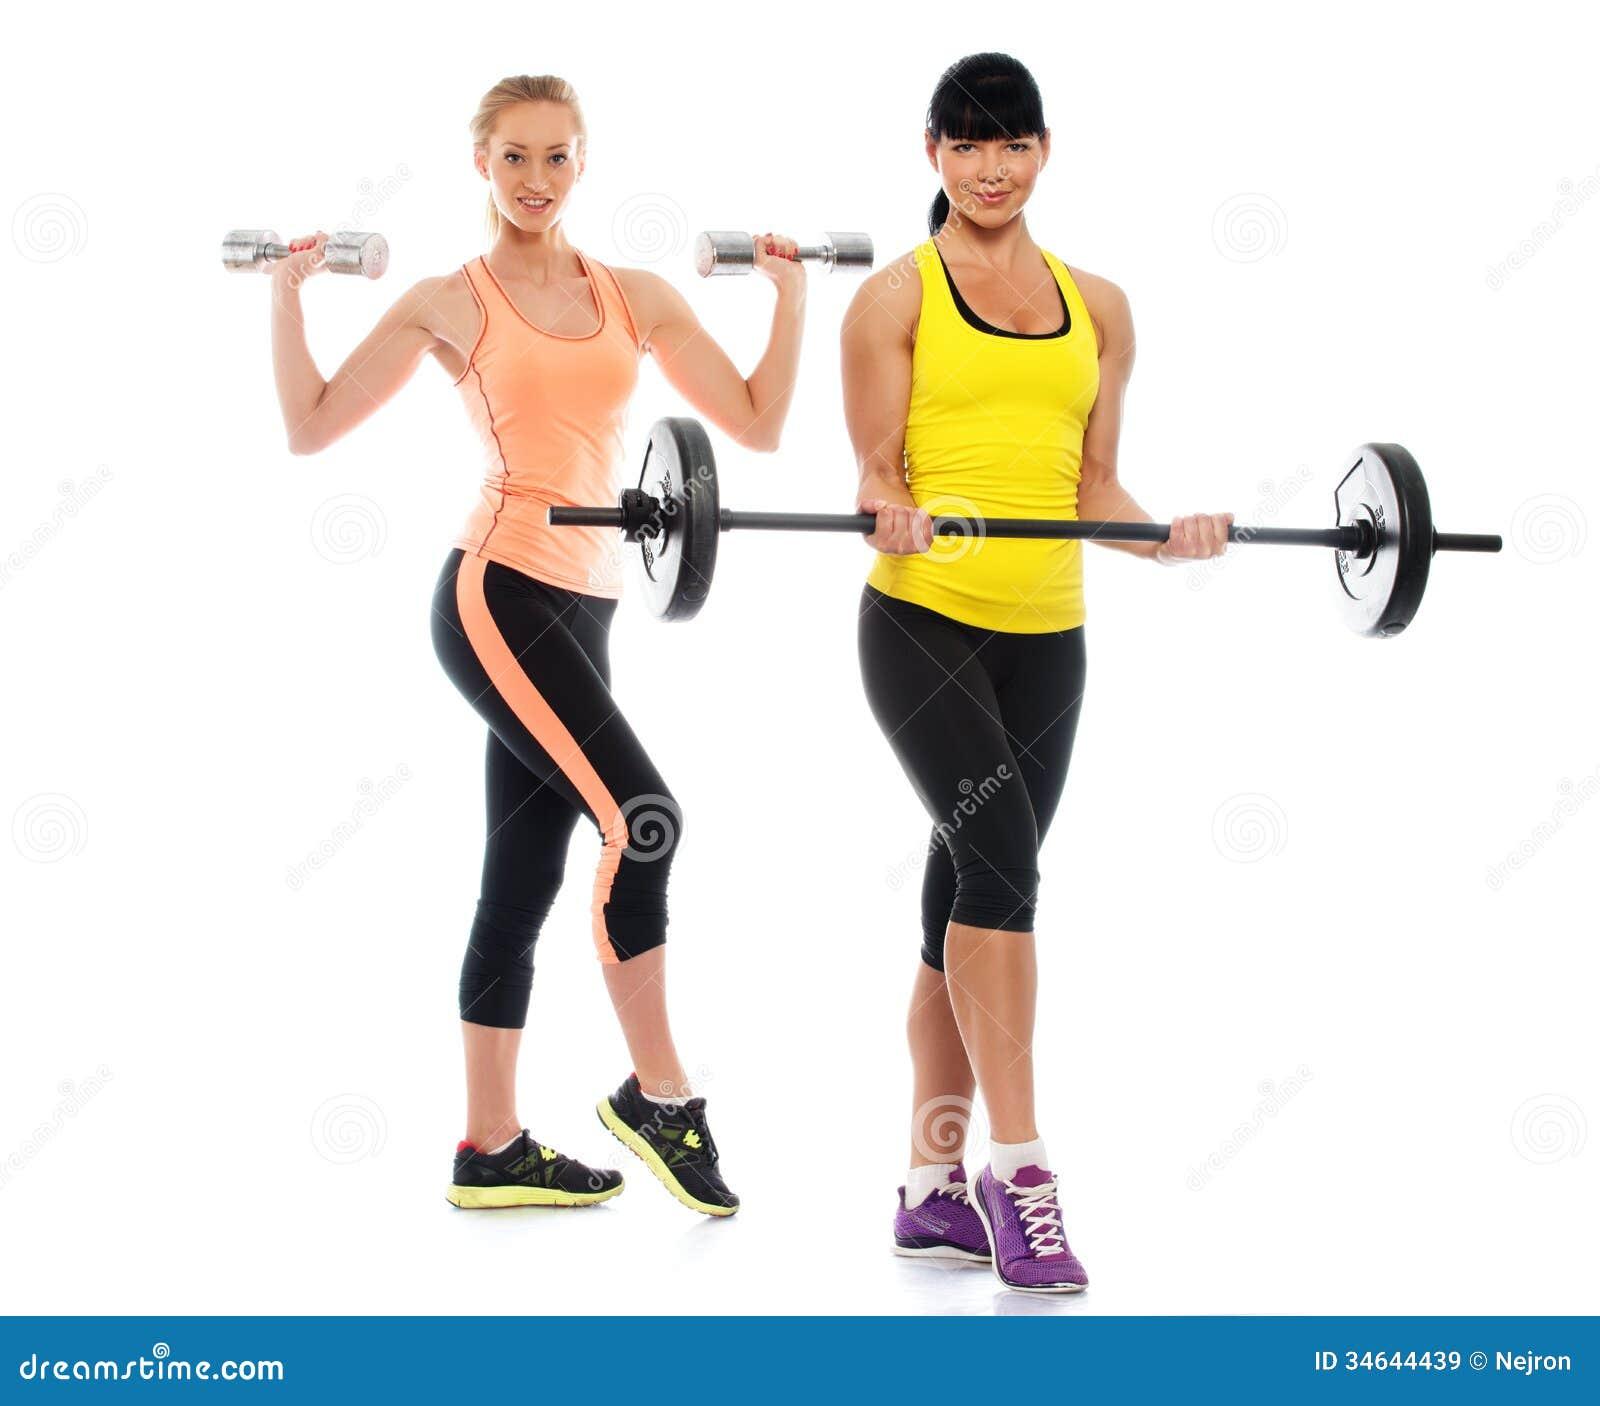 Фитнес девушка в белом 4 фотография